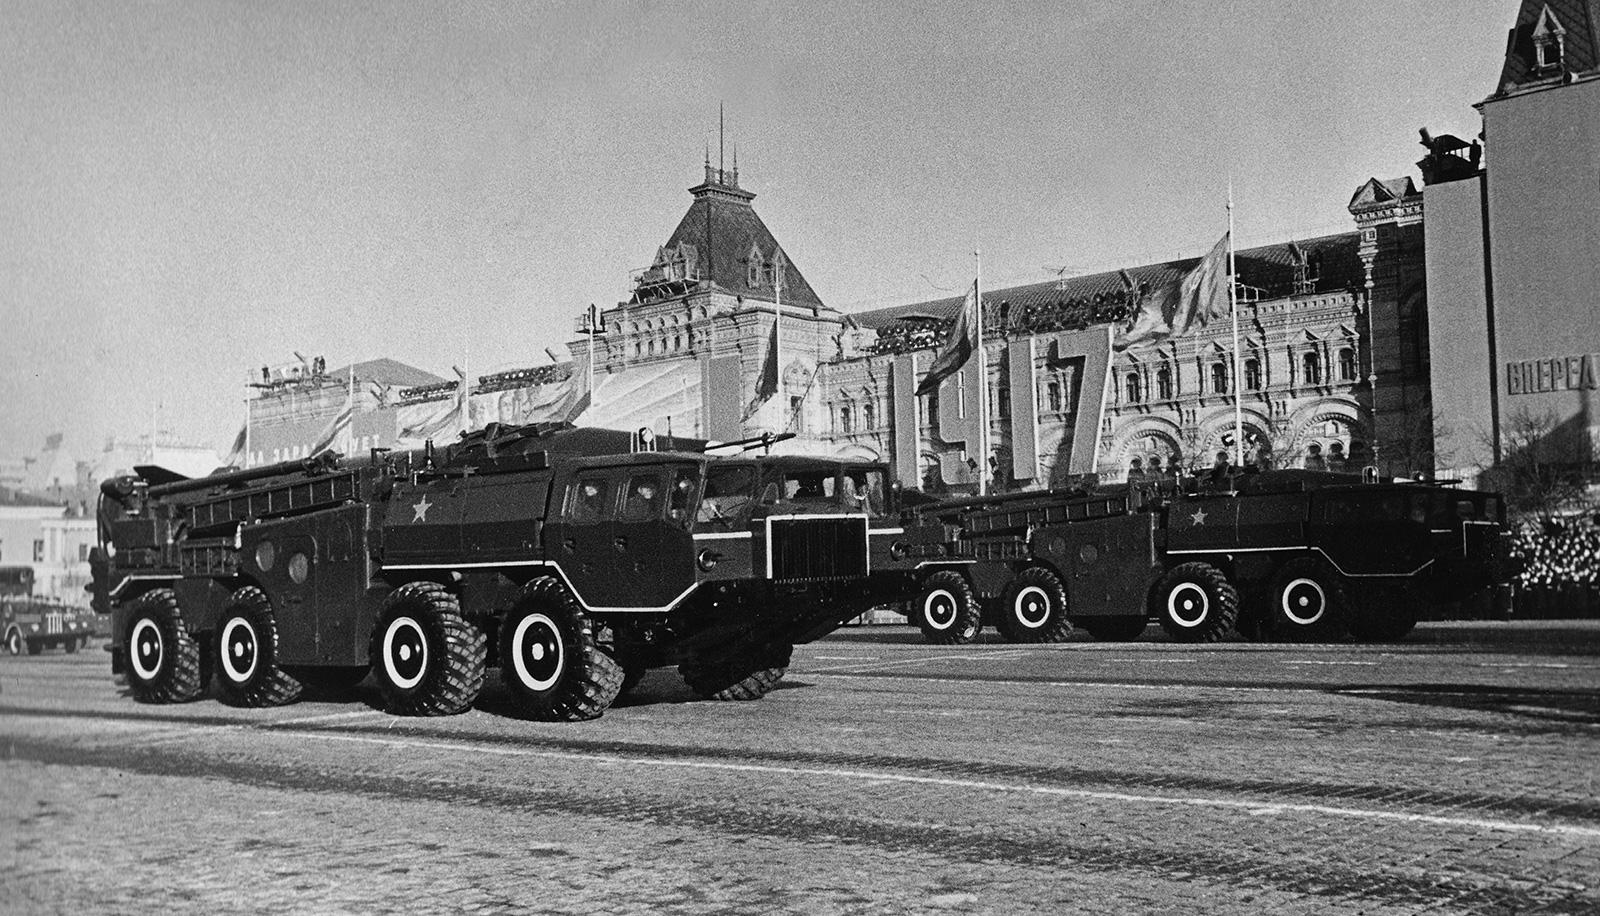 35719 Секретные «сороконожки»: как в СССР в тайне создавали внедорожники, не имеющие аналогов в мире